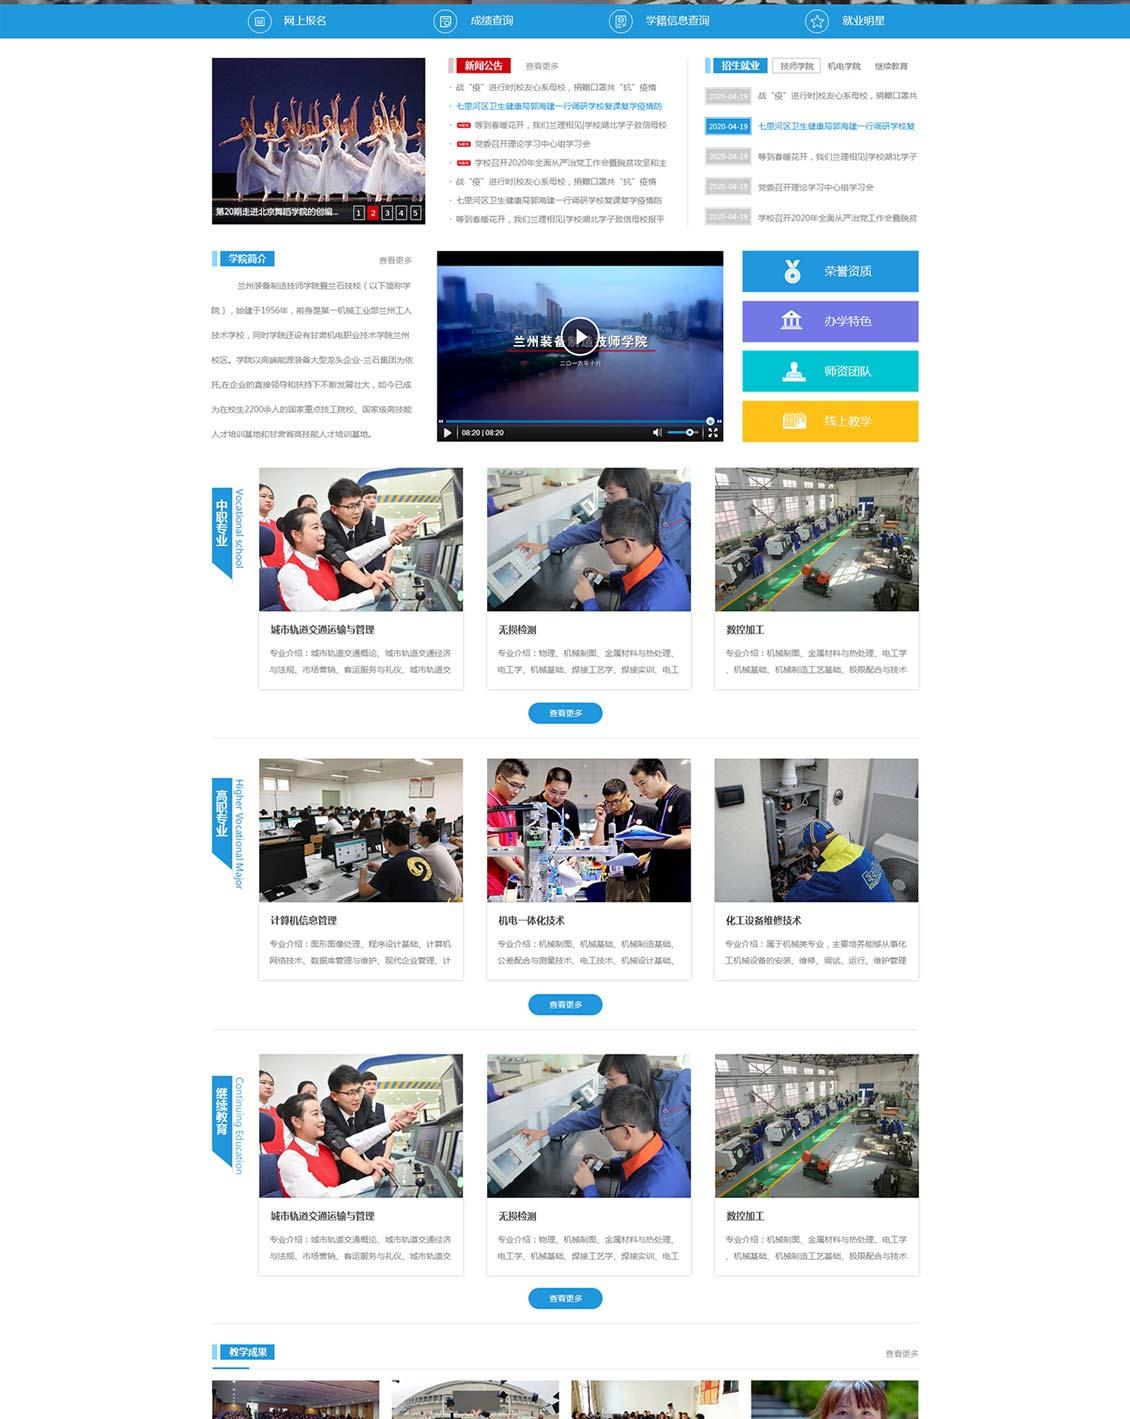 蘭州裝備制造技師學院網站案例